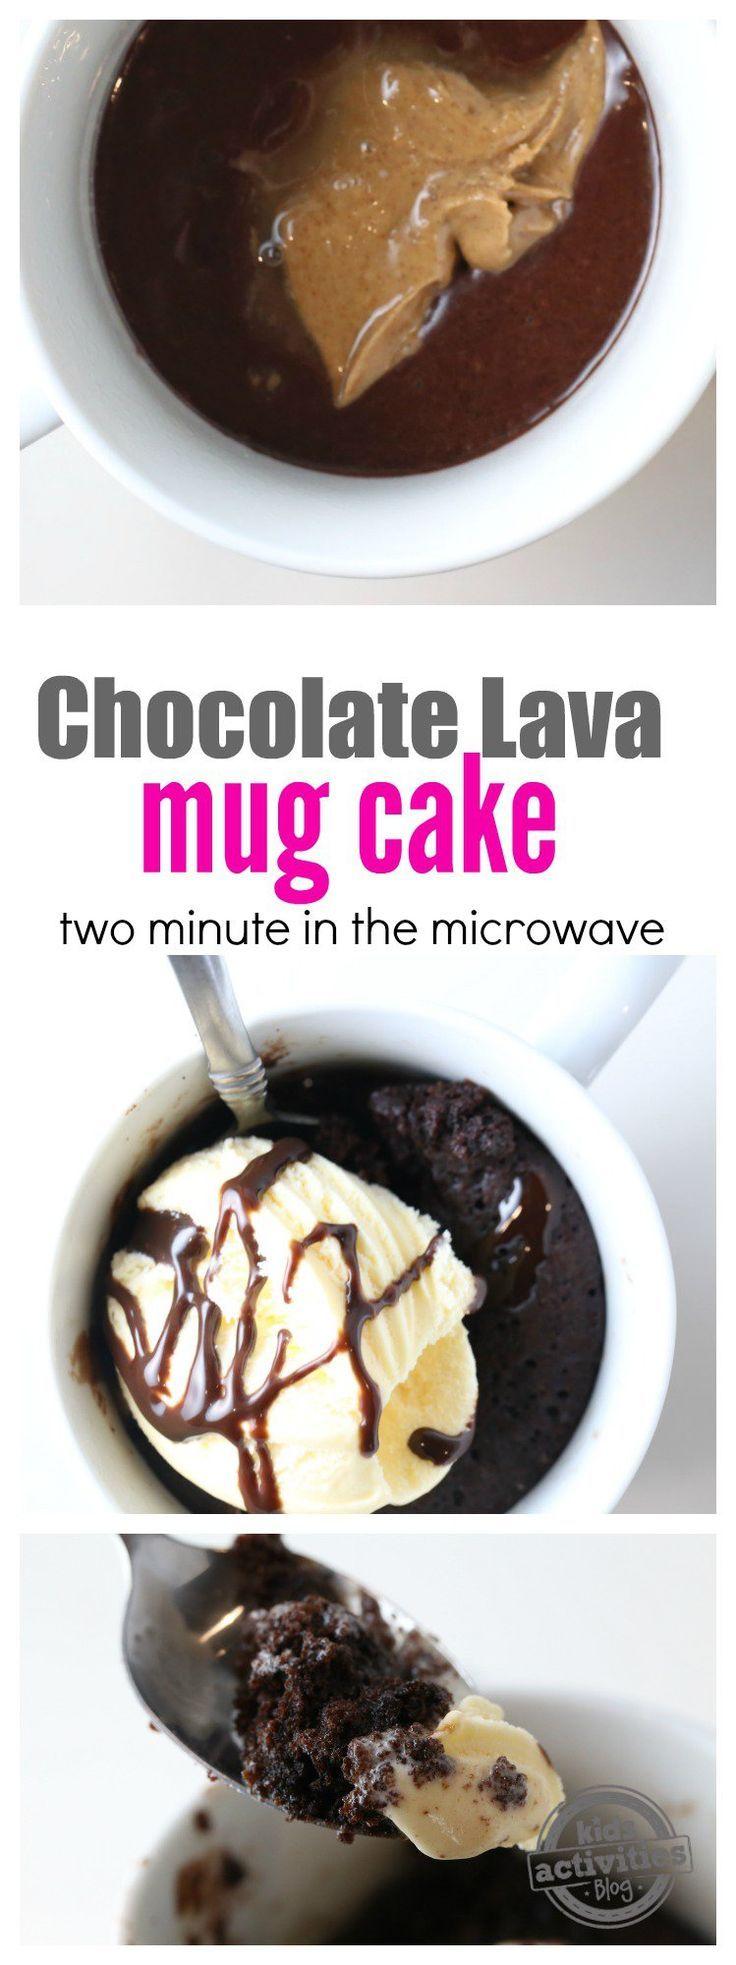 Delicious Chocolate Lava Mug Cake